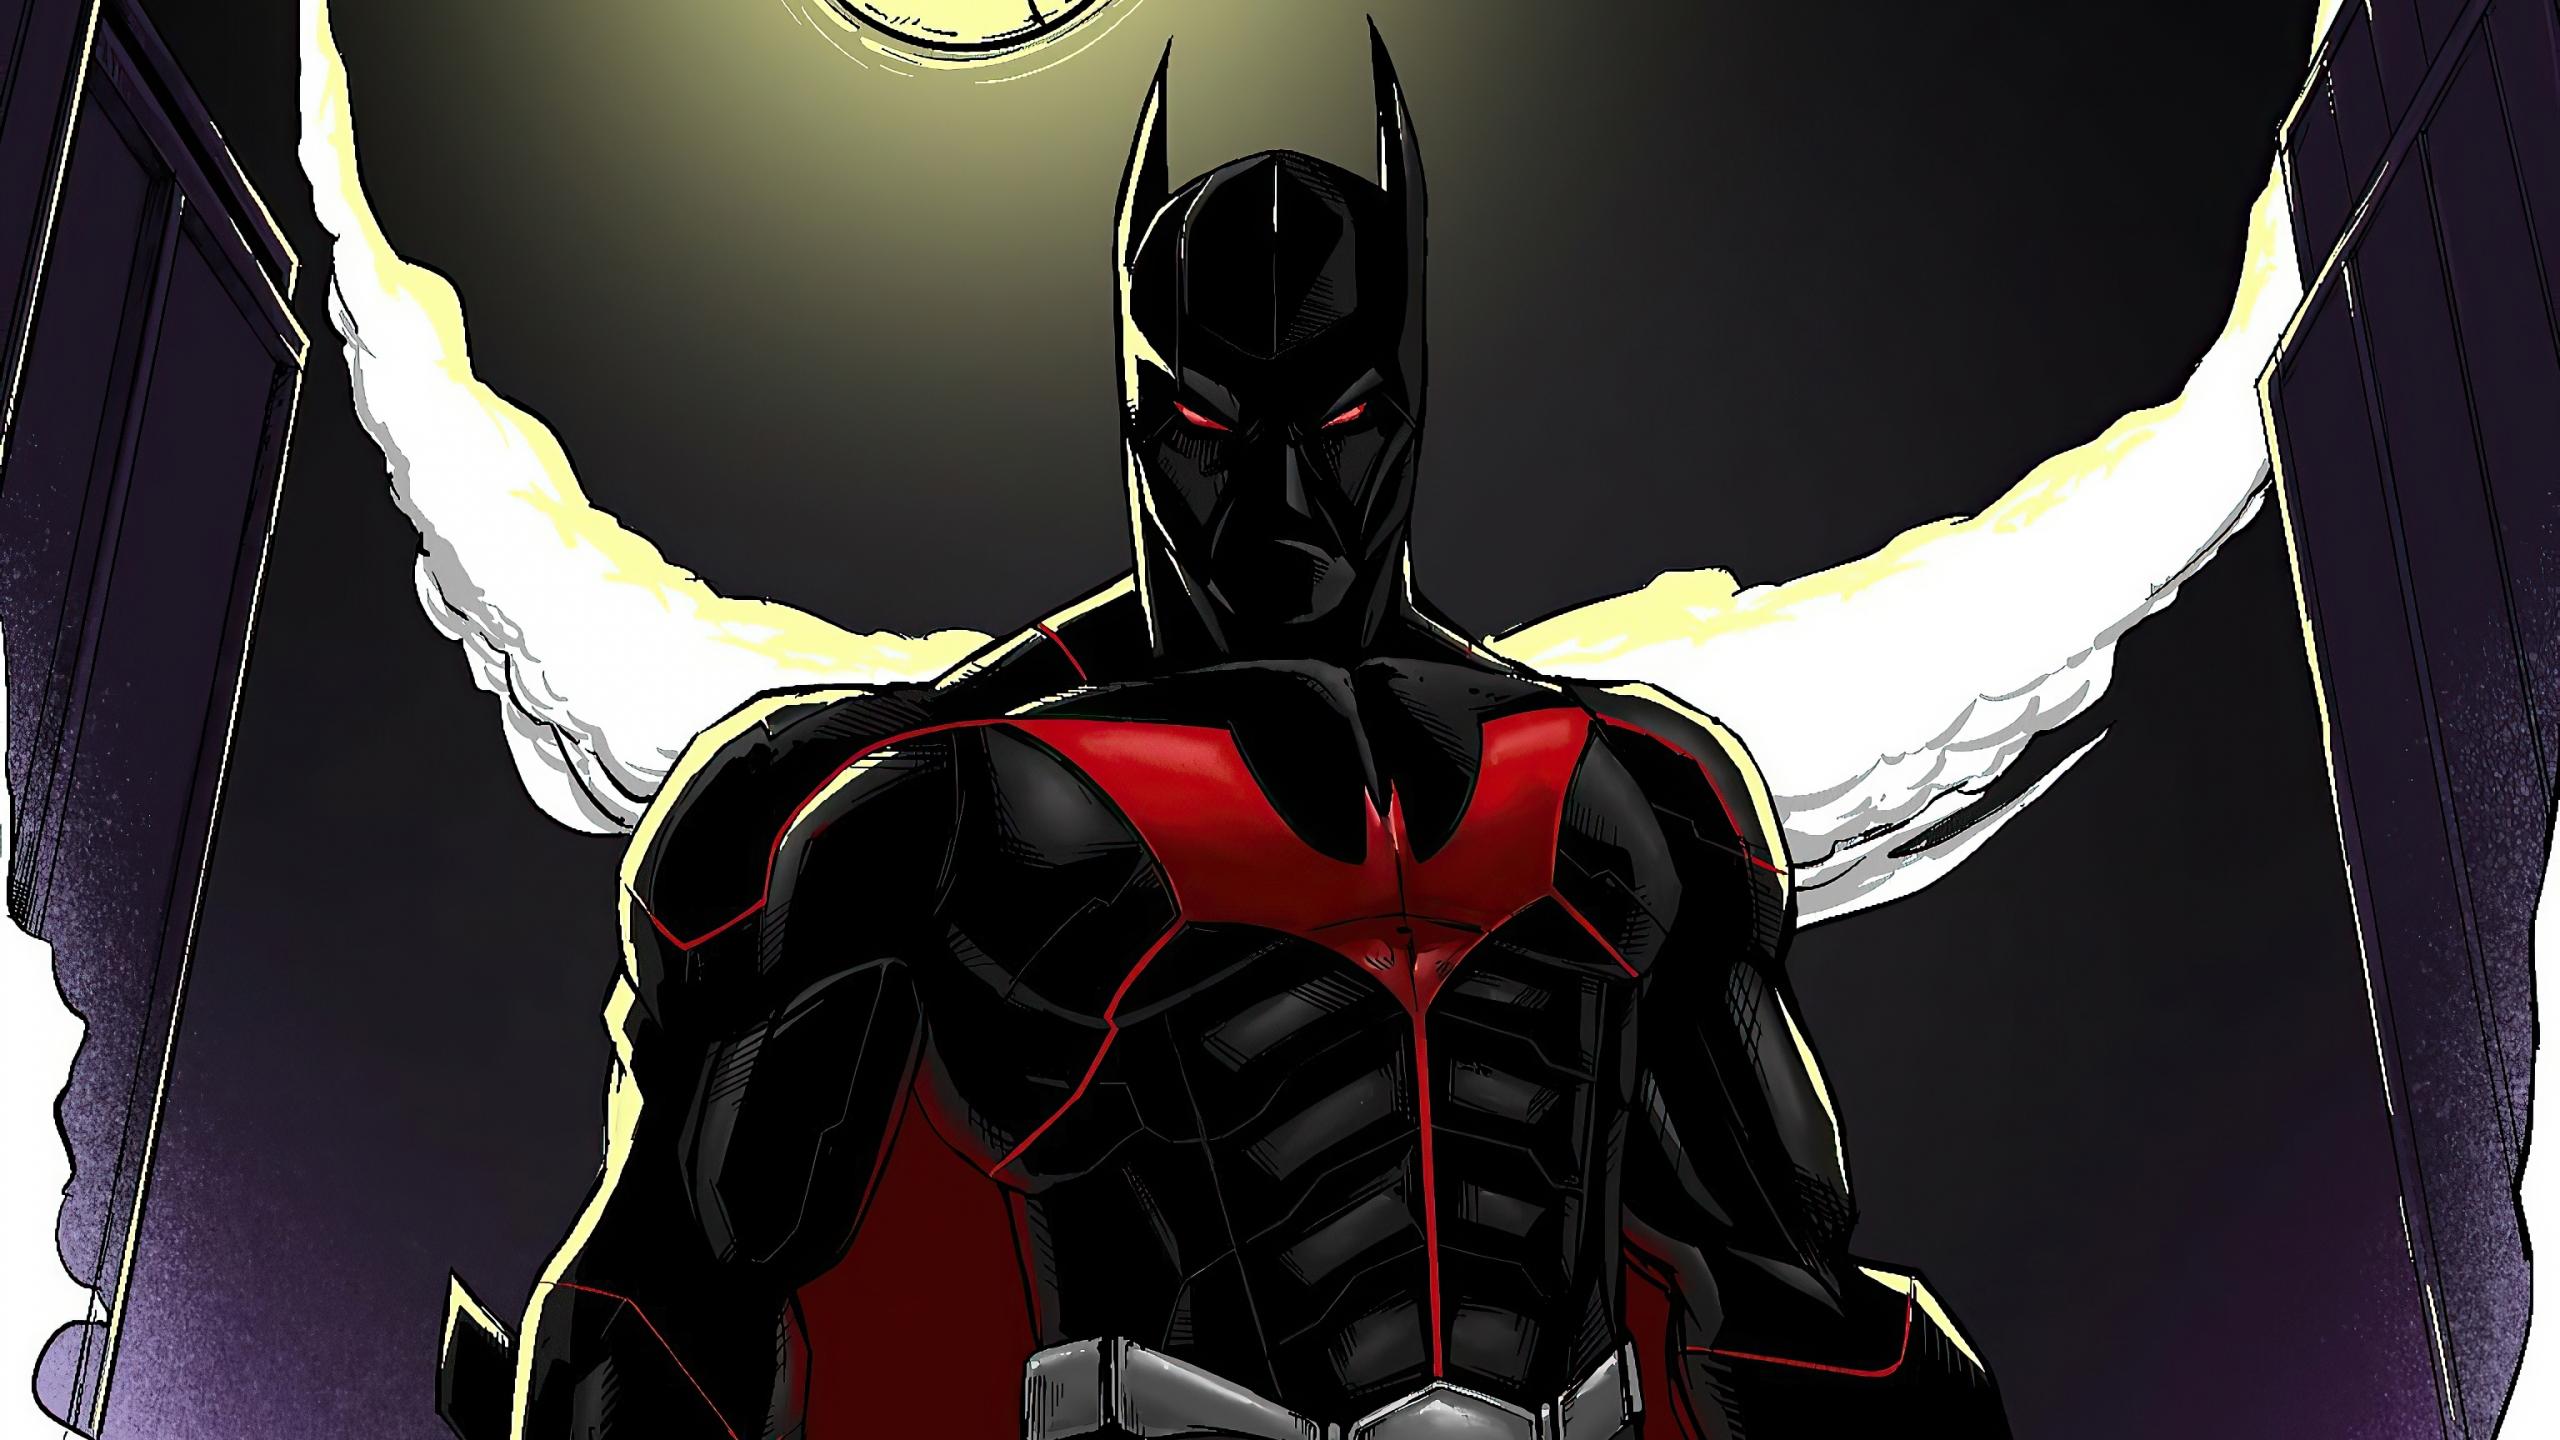 Batman Beyond Wallpaper ID:6077